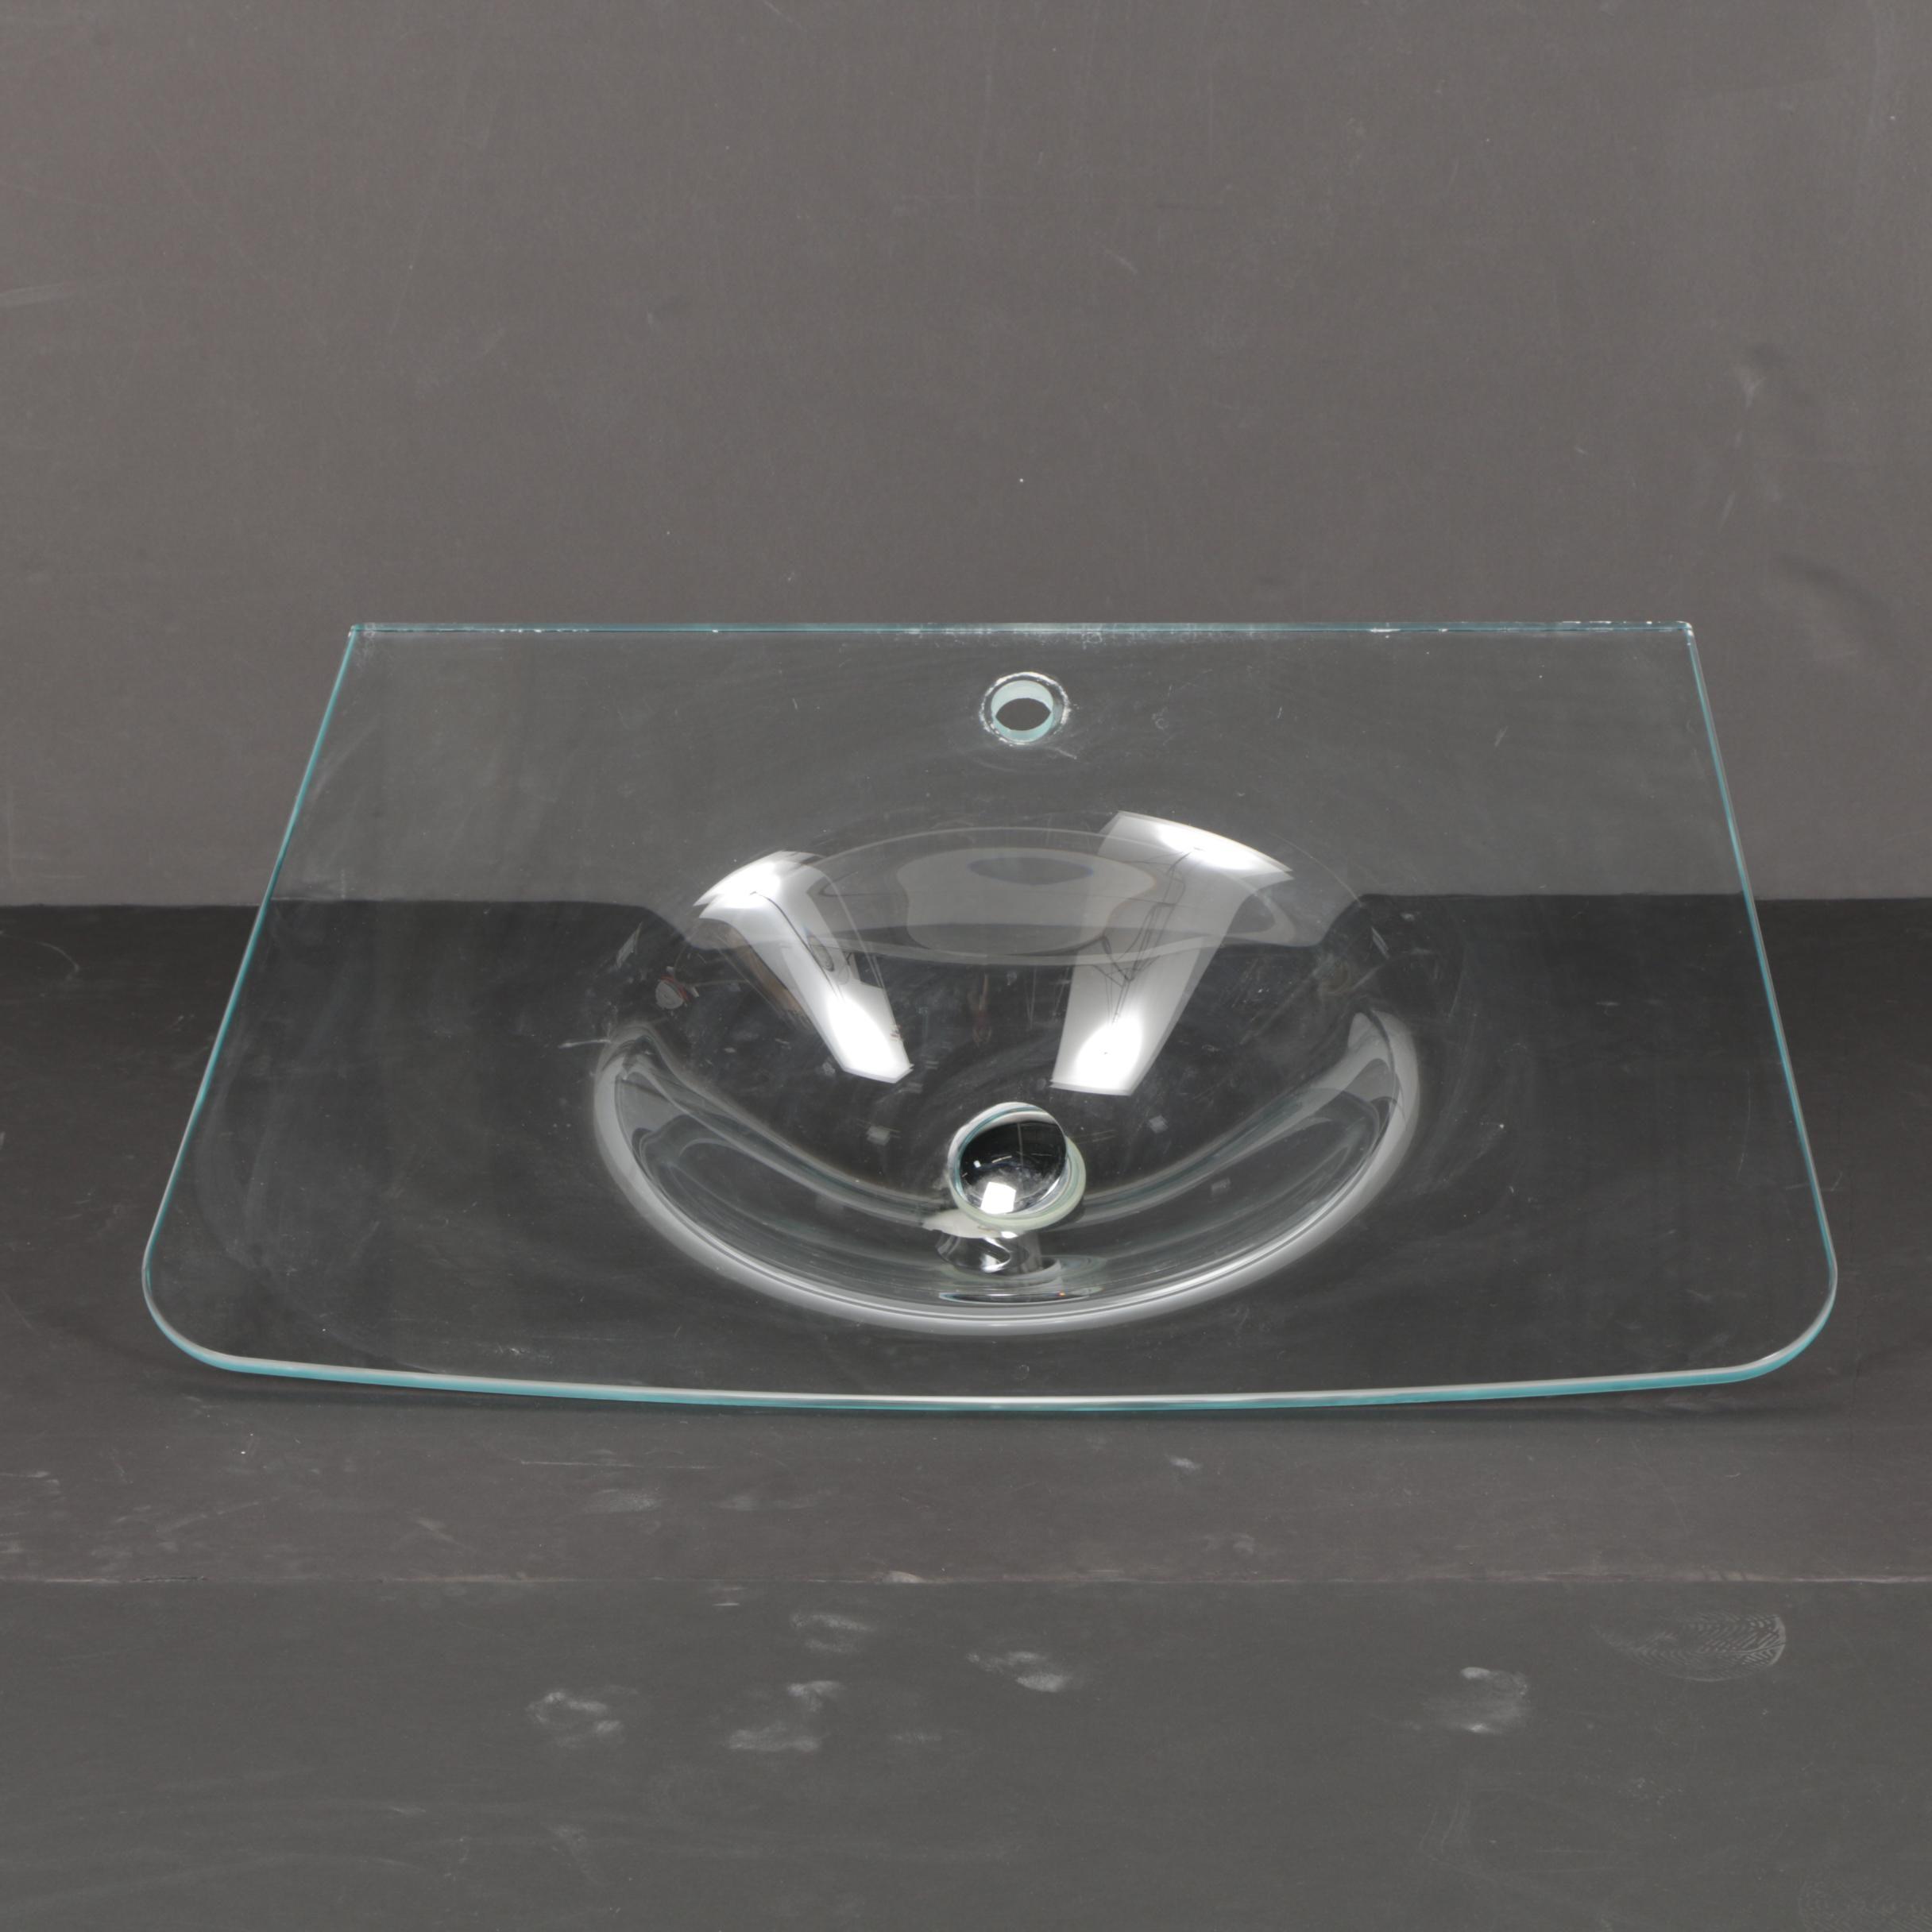 Bathroom Sinks Nashville Tn vintage sink fixtures | bathroom and kitchen sink auction in